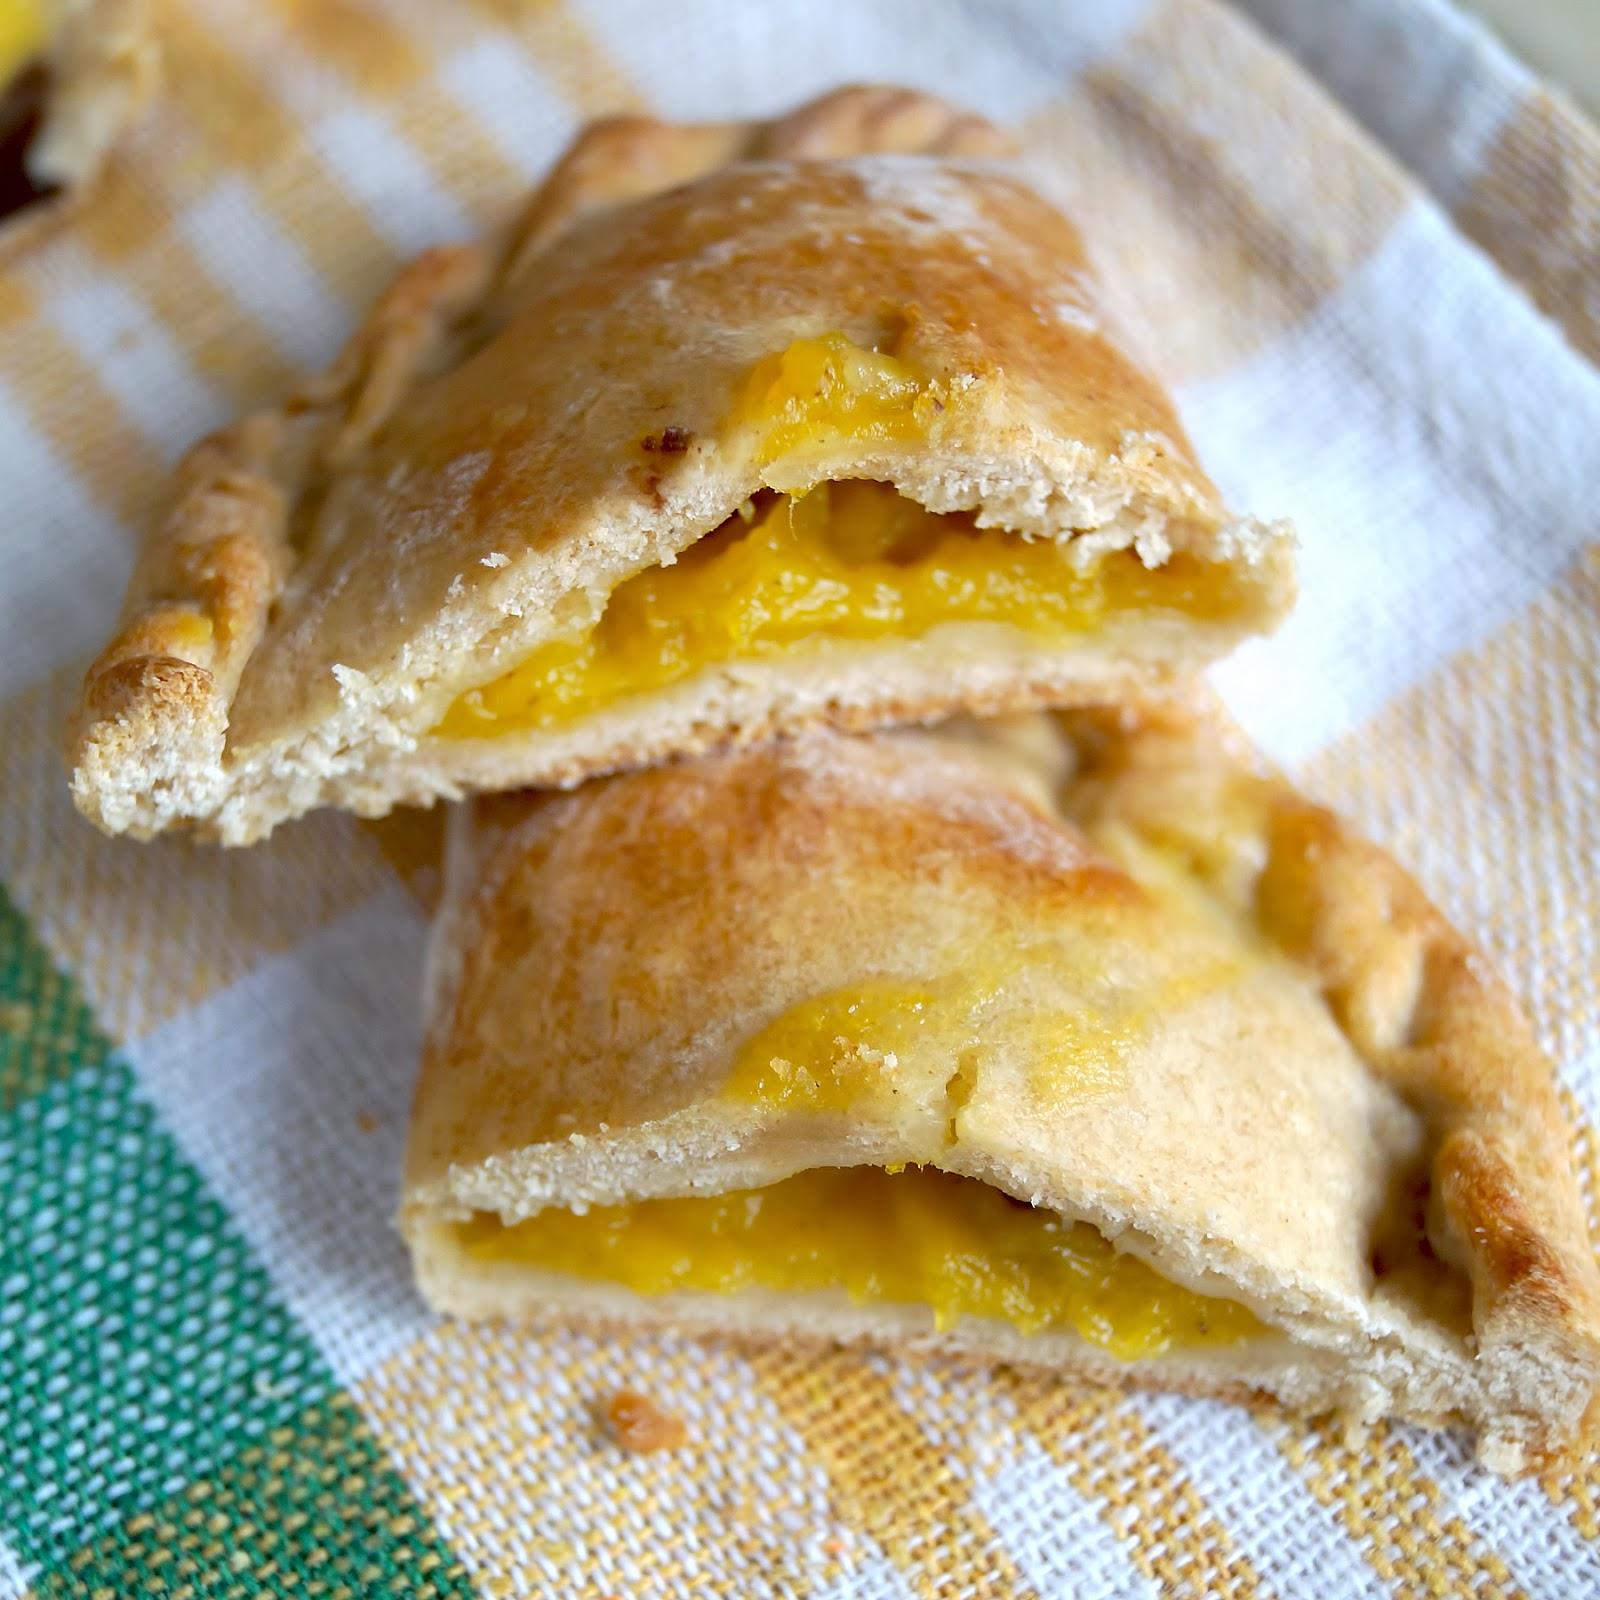 заморож слоеное тесто пирожки с тыквой